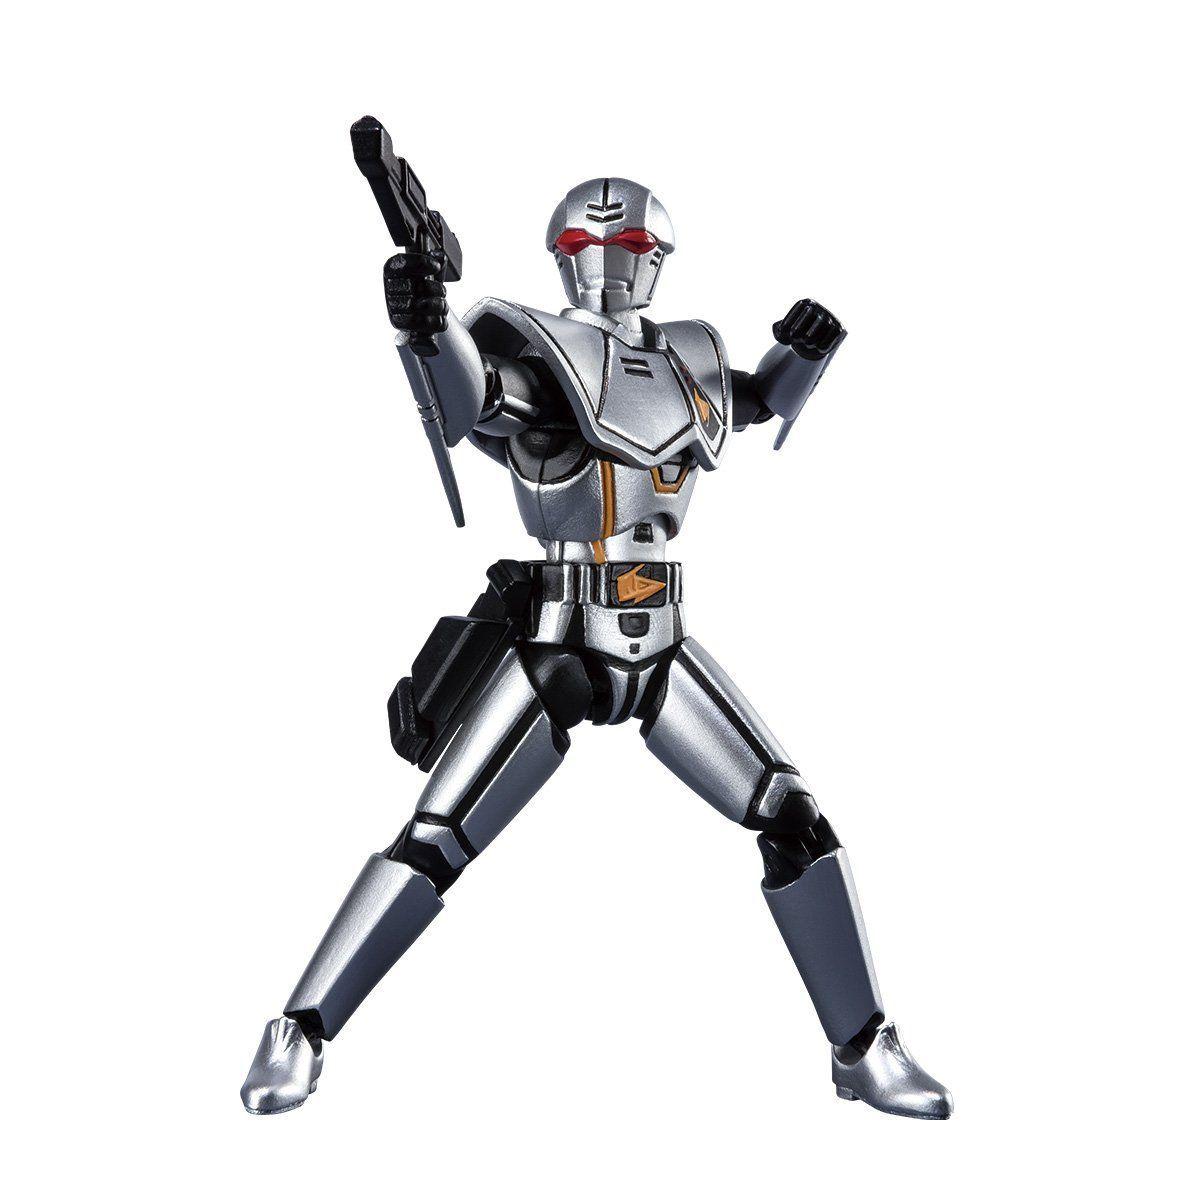 【限定販売】【食玩】SHODO SUPER『バイオハンター・シルバ』超電子バイオマン 可動フィギュア-001